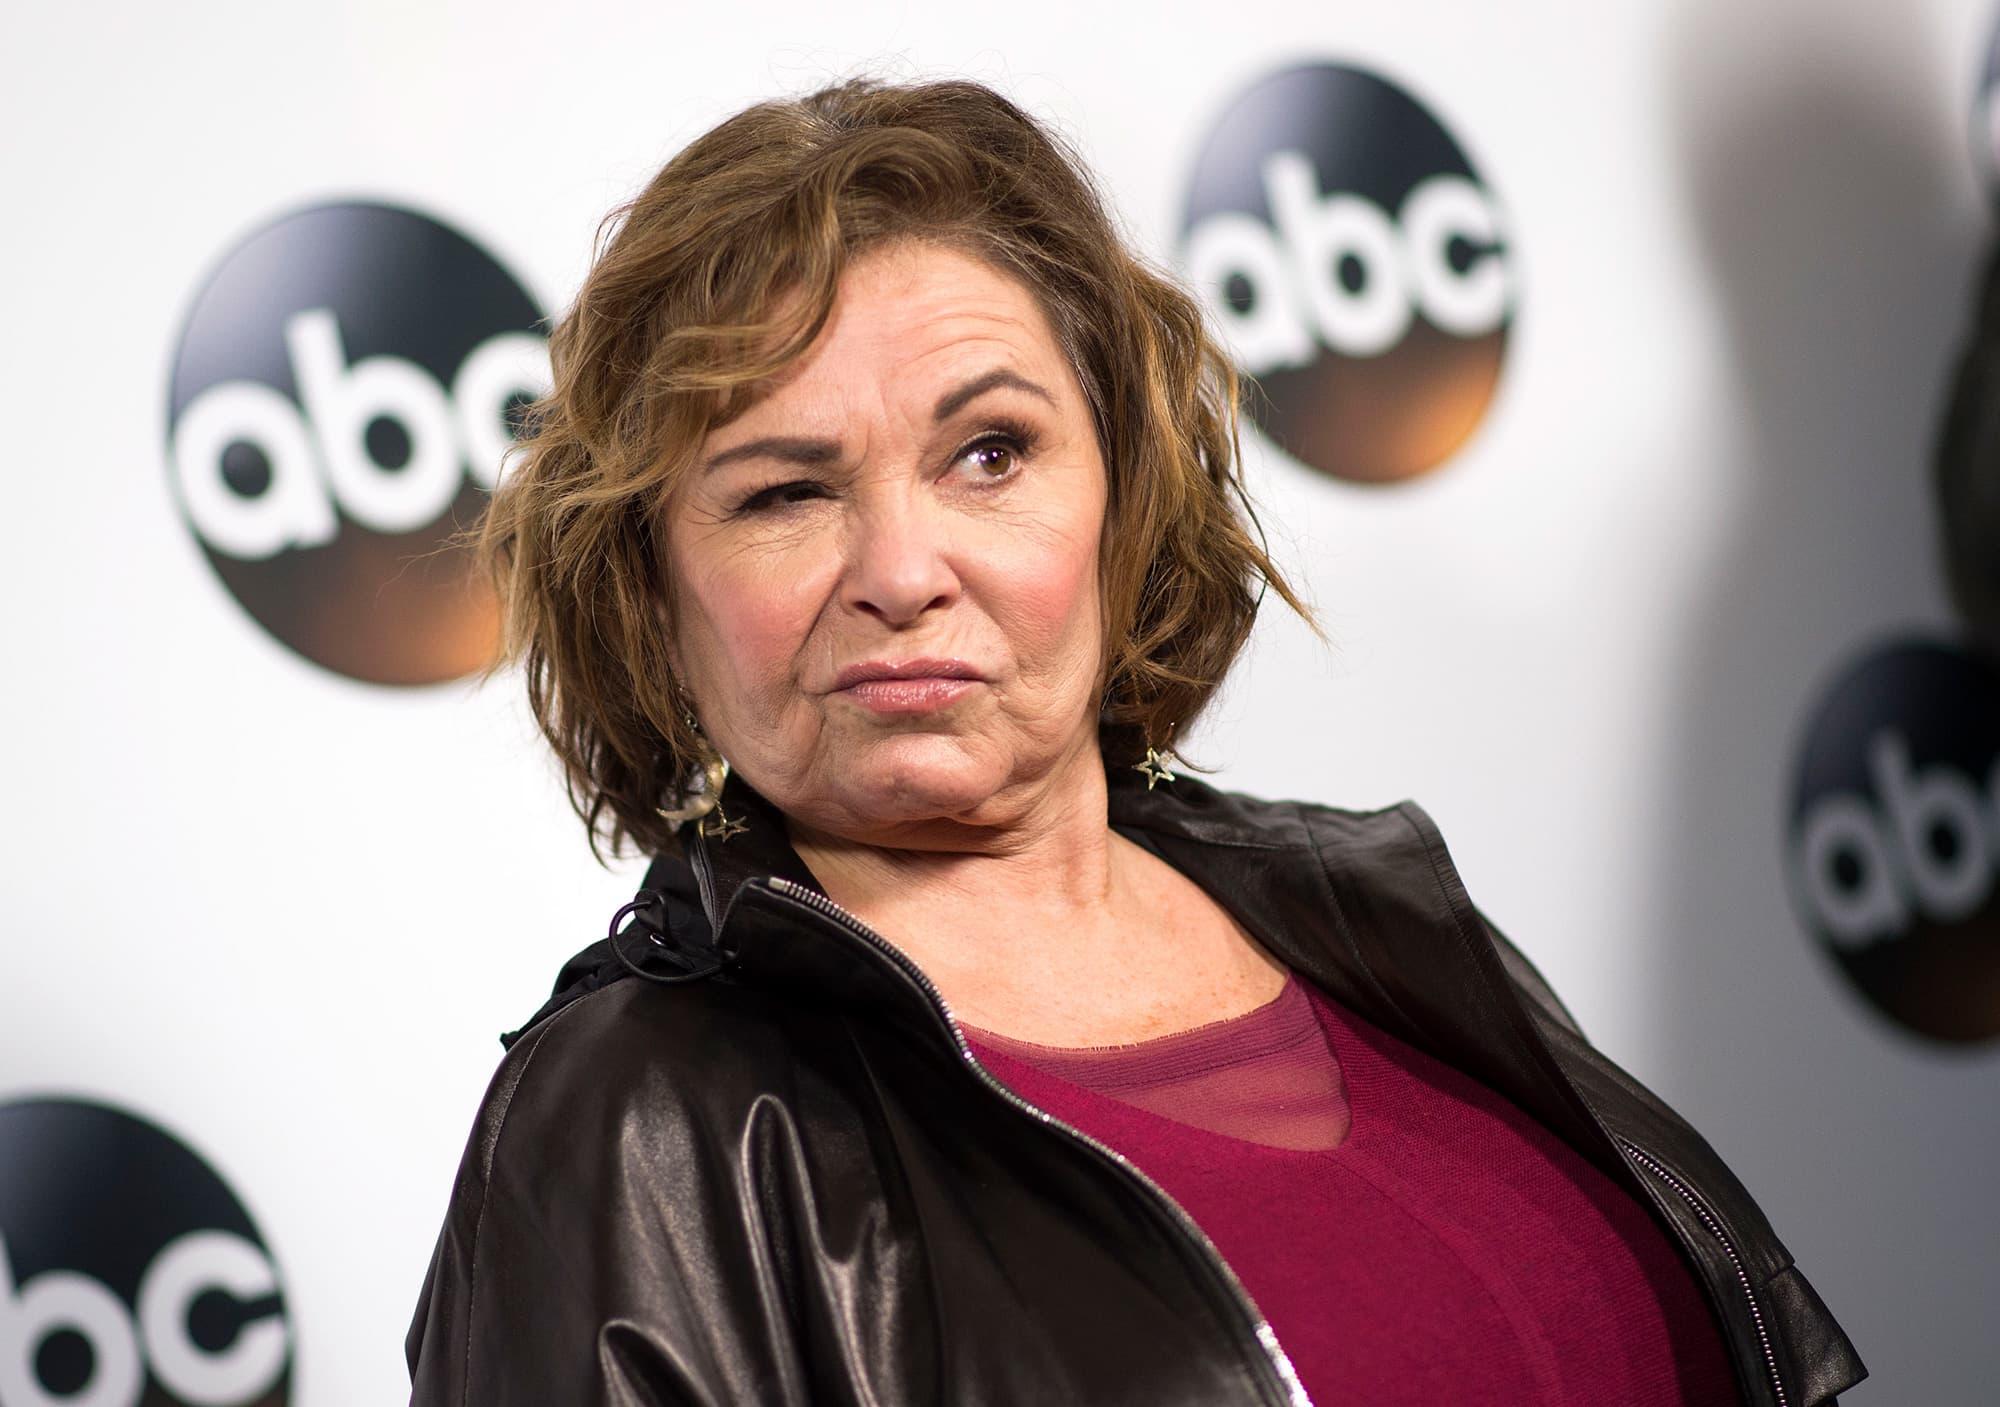 Roseanne Barr vanity fair